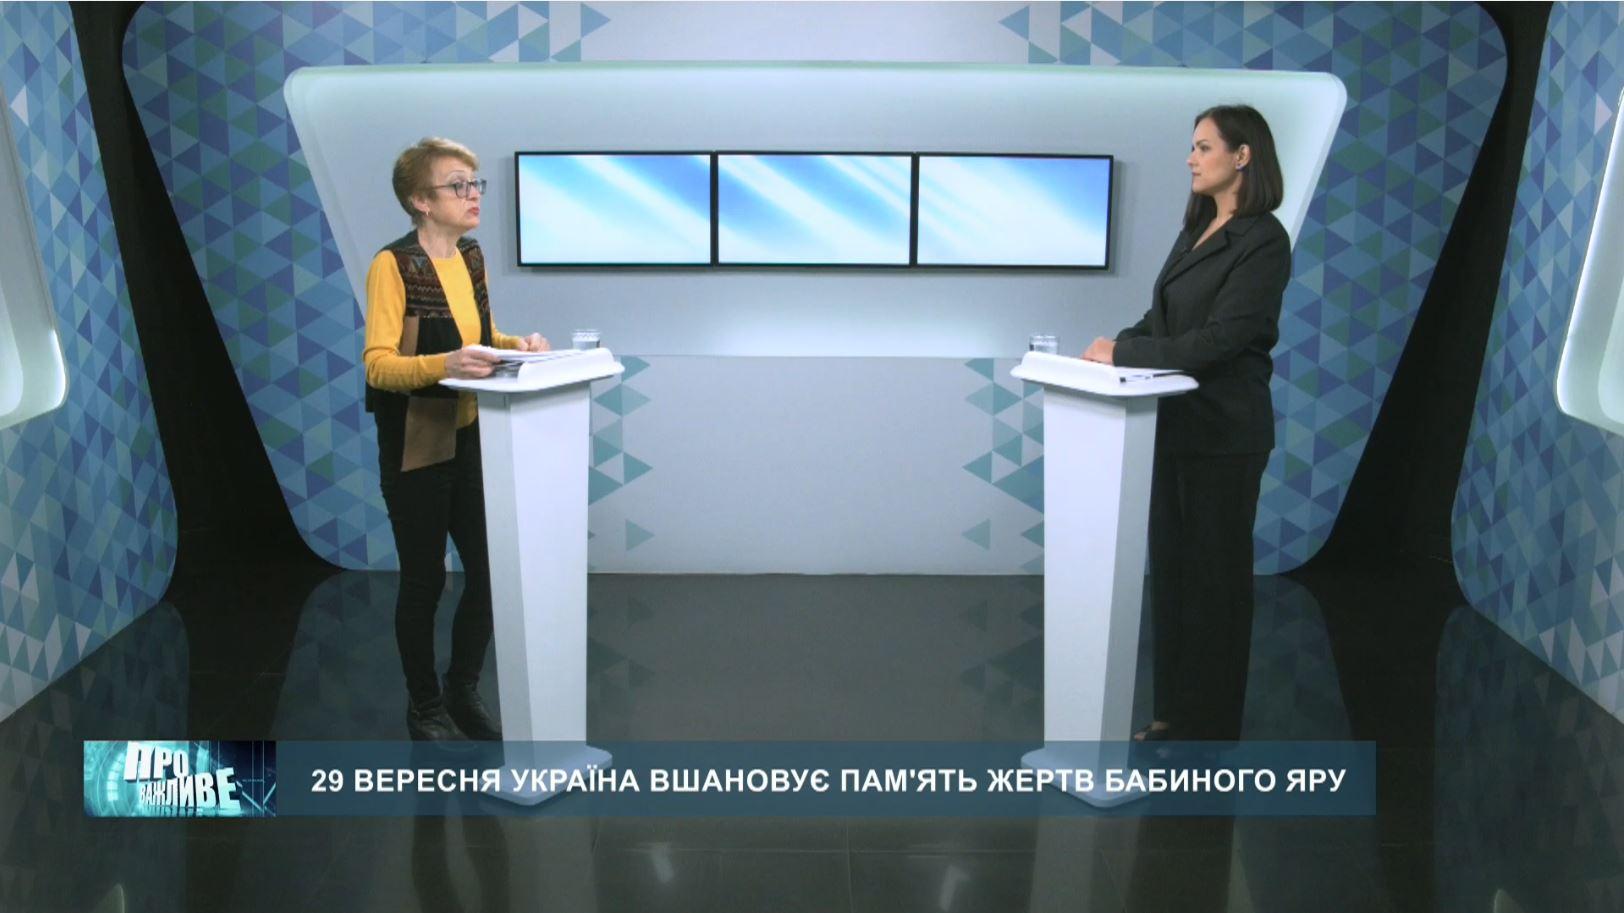 «Про важливе». 29 вересня Україна вшановує пам'ять жертв Бабиного Яру